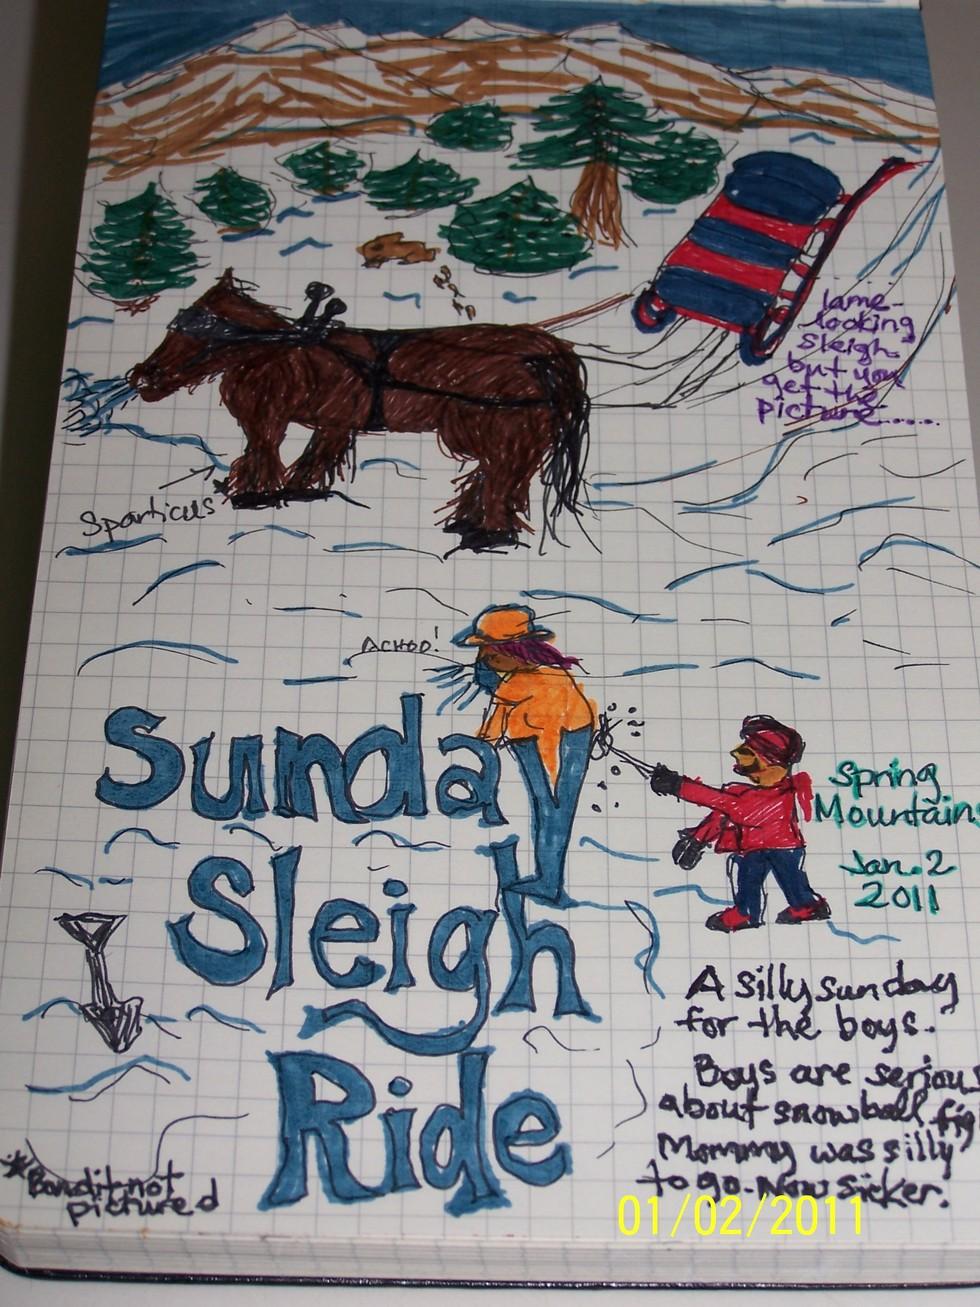 Sundaysleighride